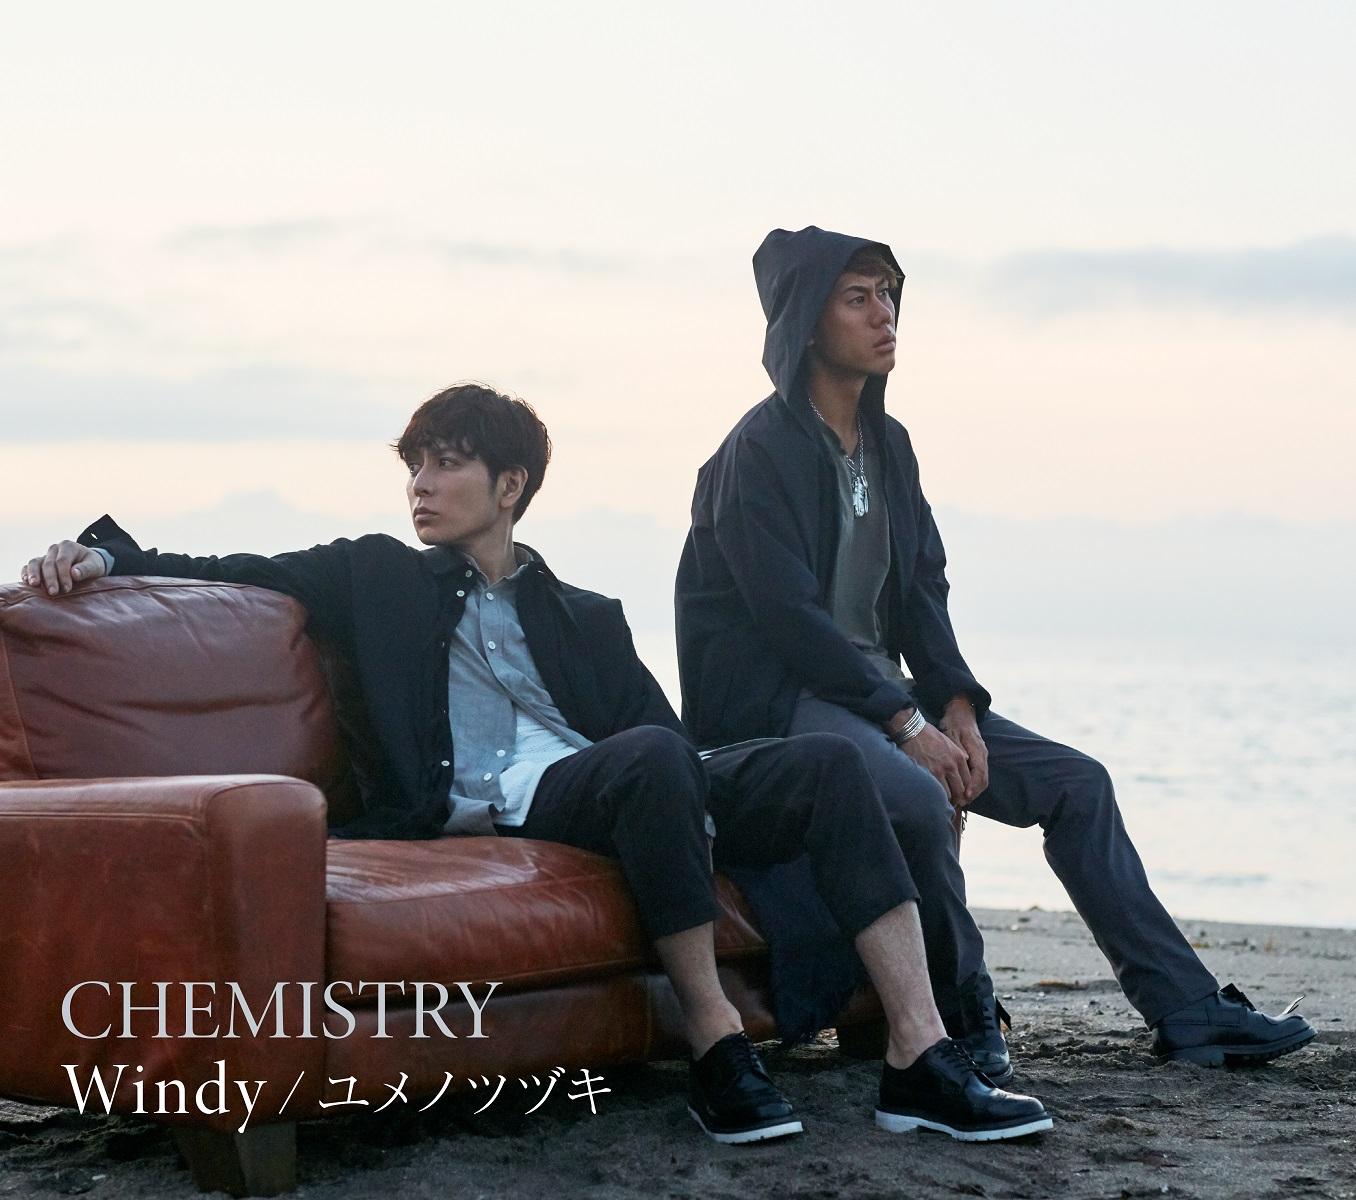 CHEMISTRY 再始動シングル、ジャケット写真を公開サムネイル画像